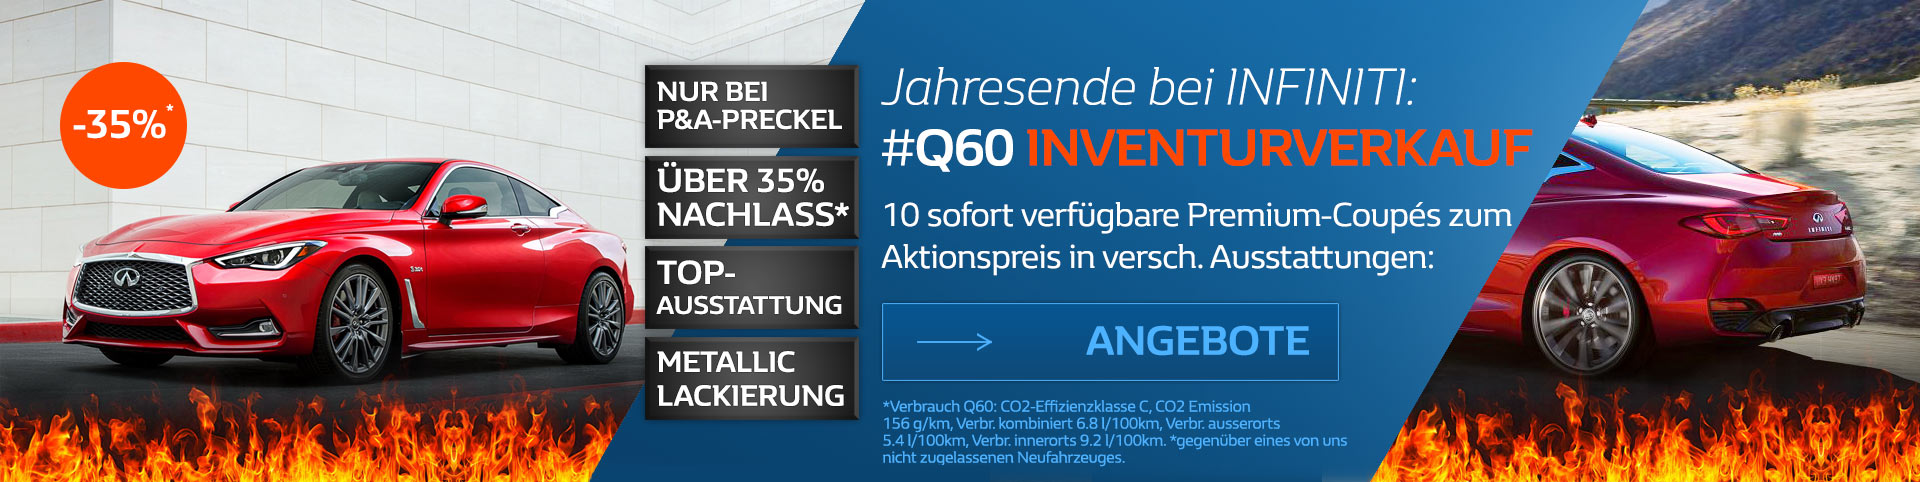 Infiniti Q60 Inventurverkauf